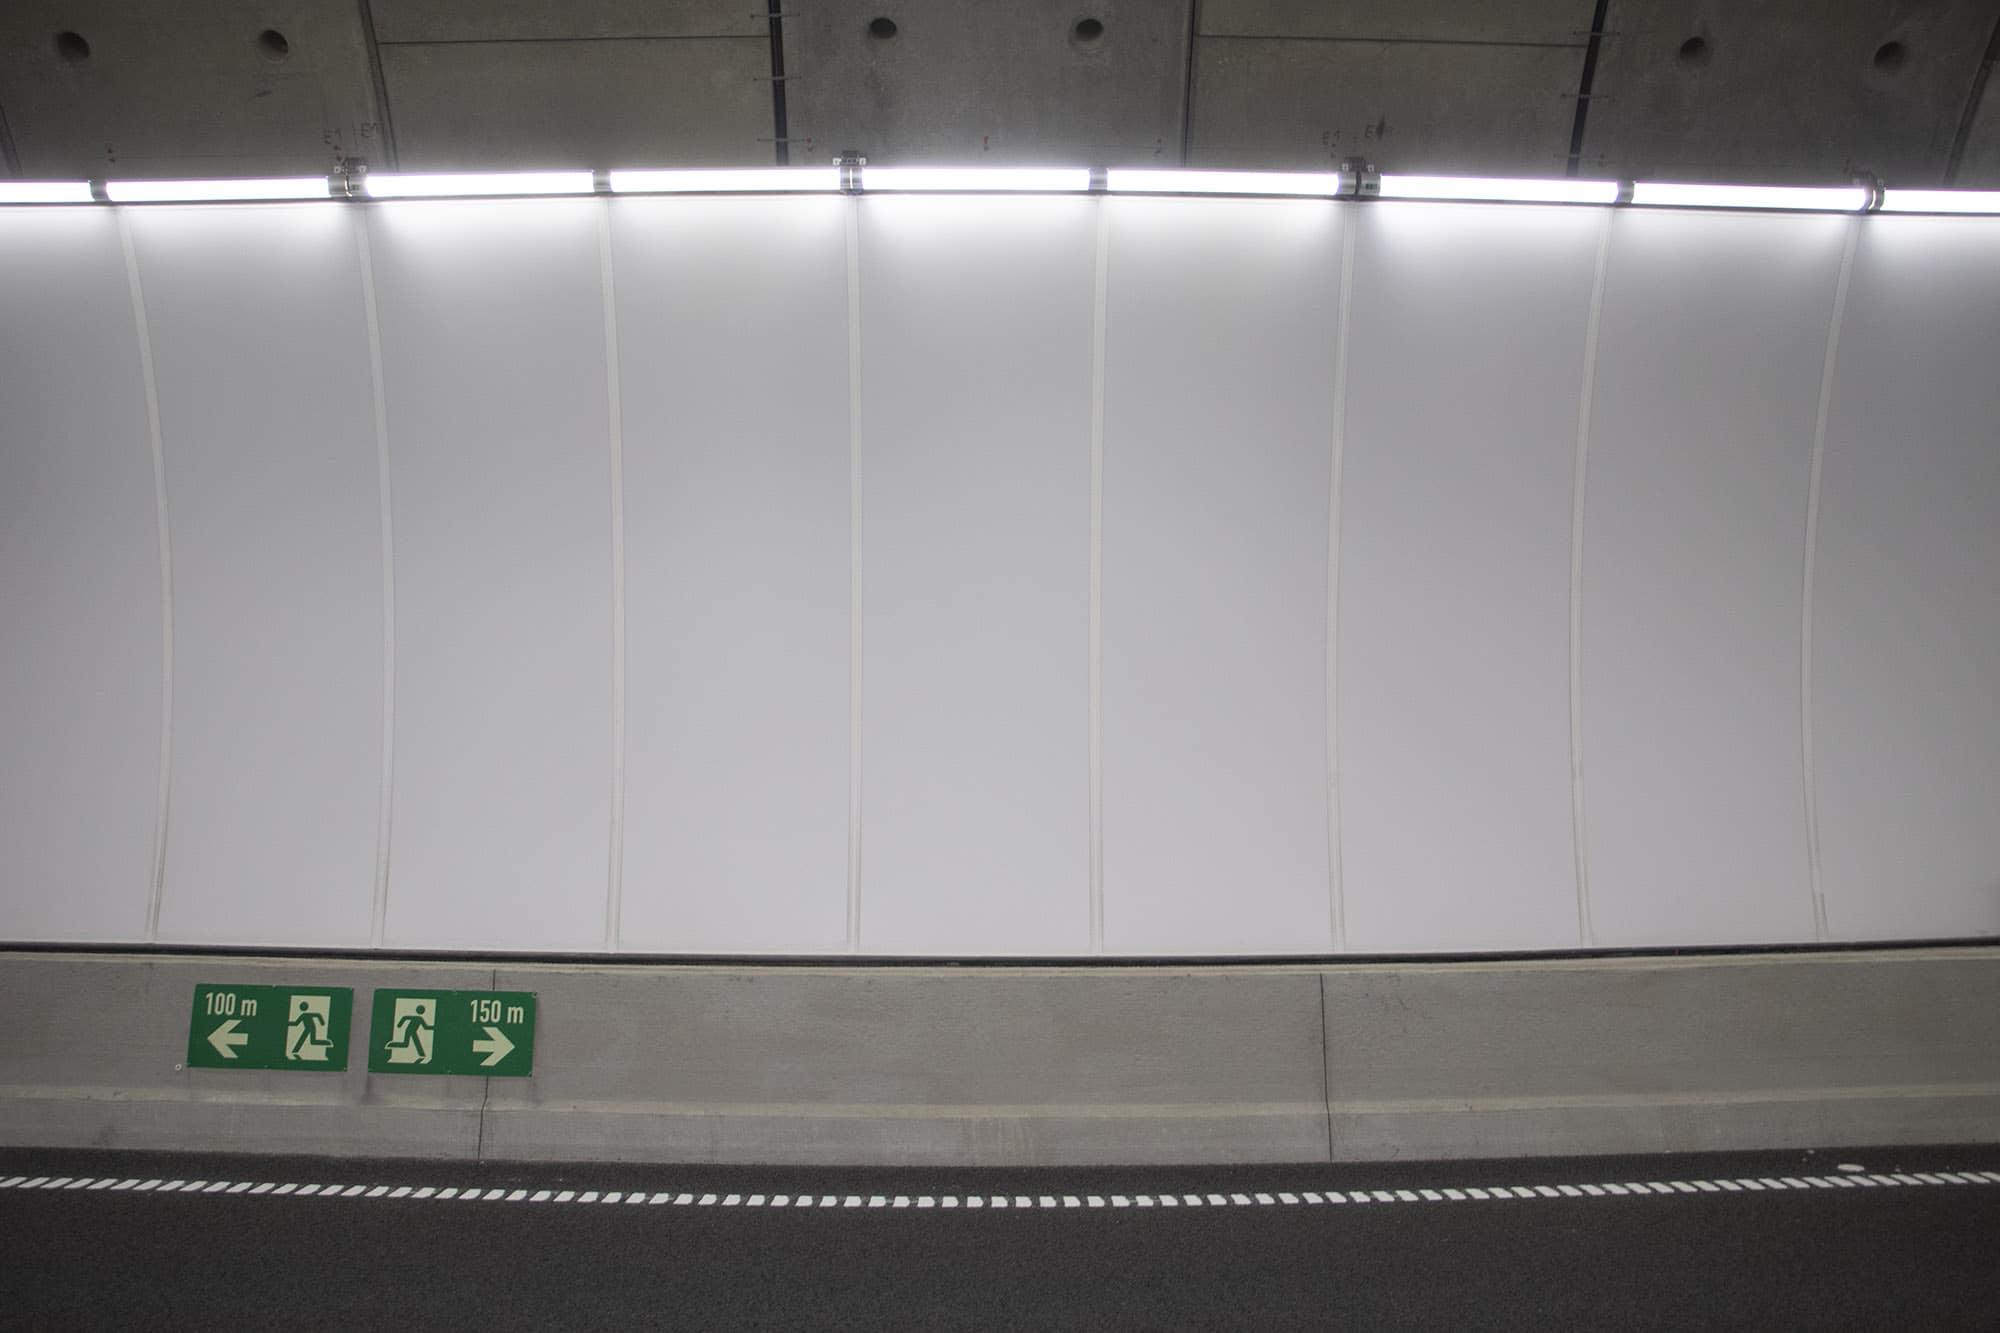 Rotterdamsebaan Den Haag Sorba